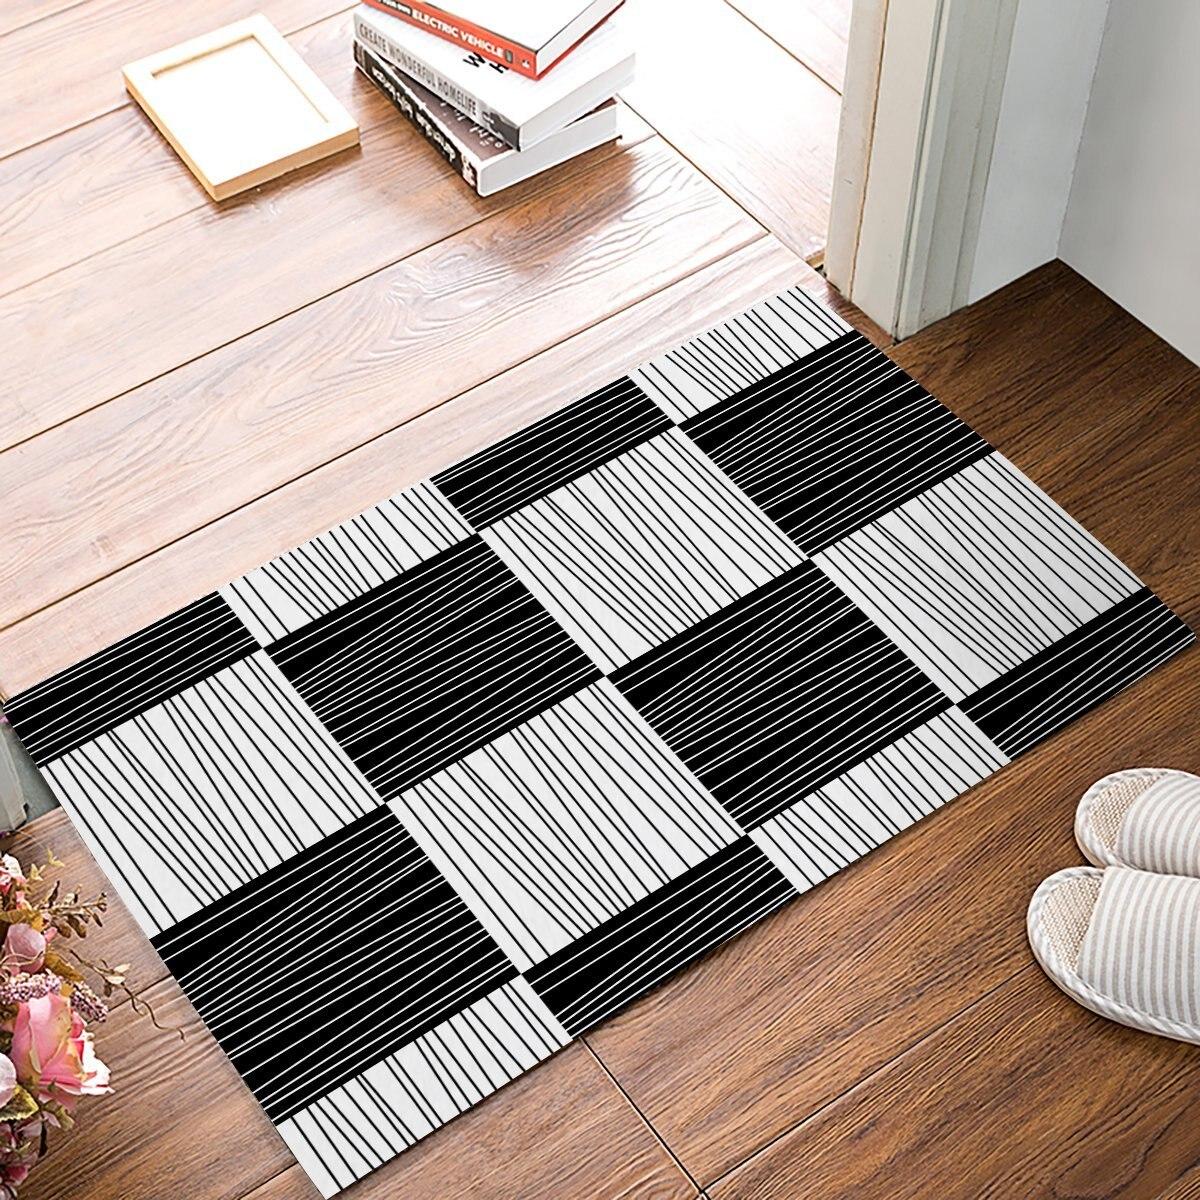 Moderno Geometrico Decorativo Banda in Bianco E Nero Quadrato Porta Tappetini Ingresso Tappeto Tappetino Bagno Interno Cucina Zerbino